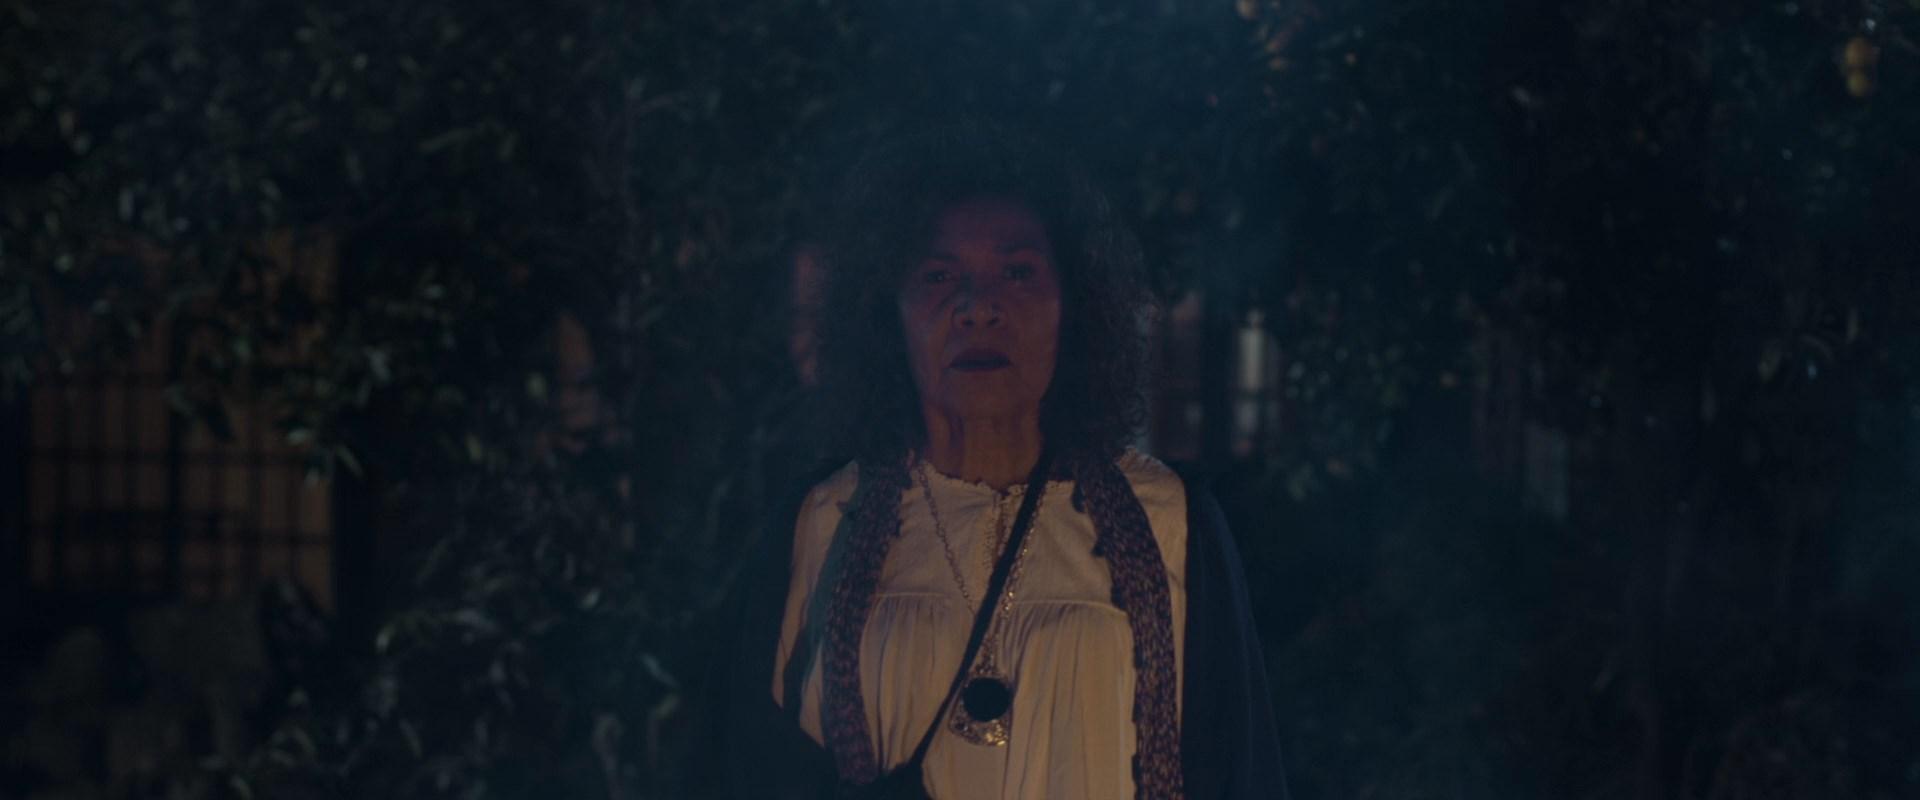 La funeraria (2020) 1080p WEB-DL AMZN Latino